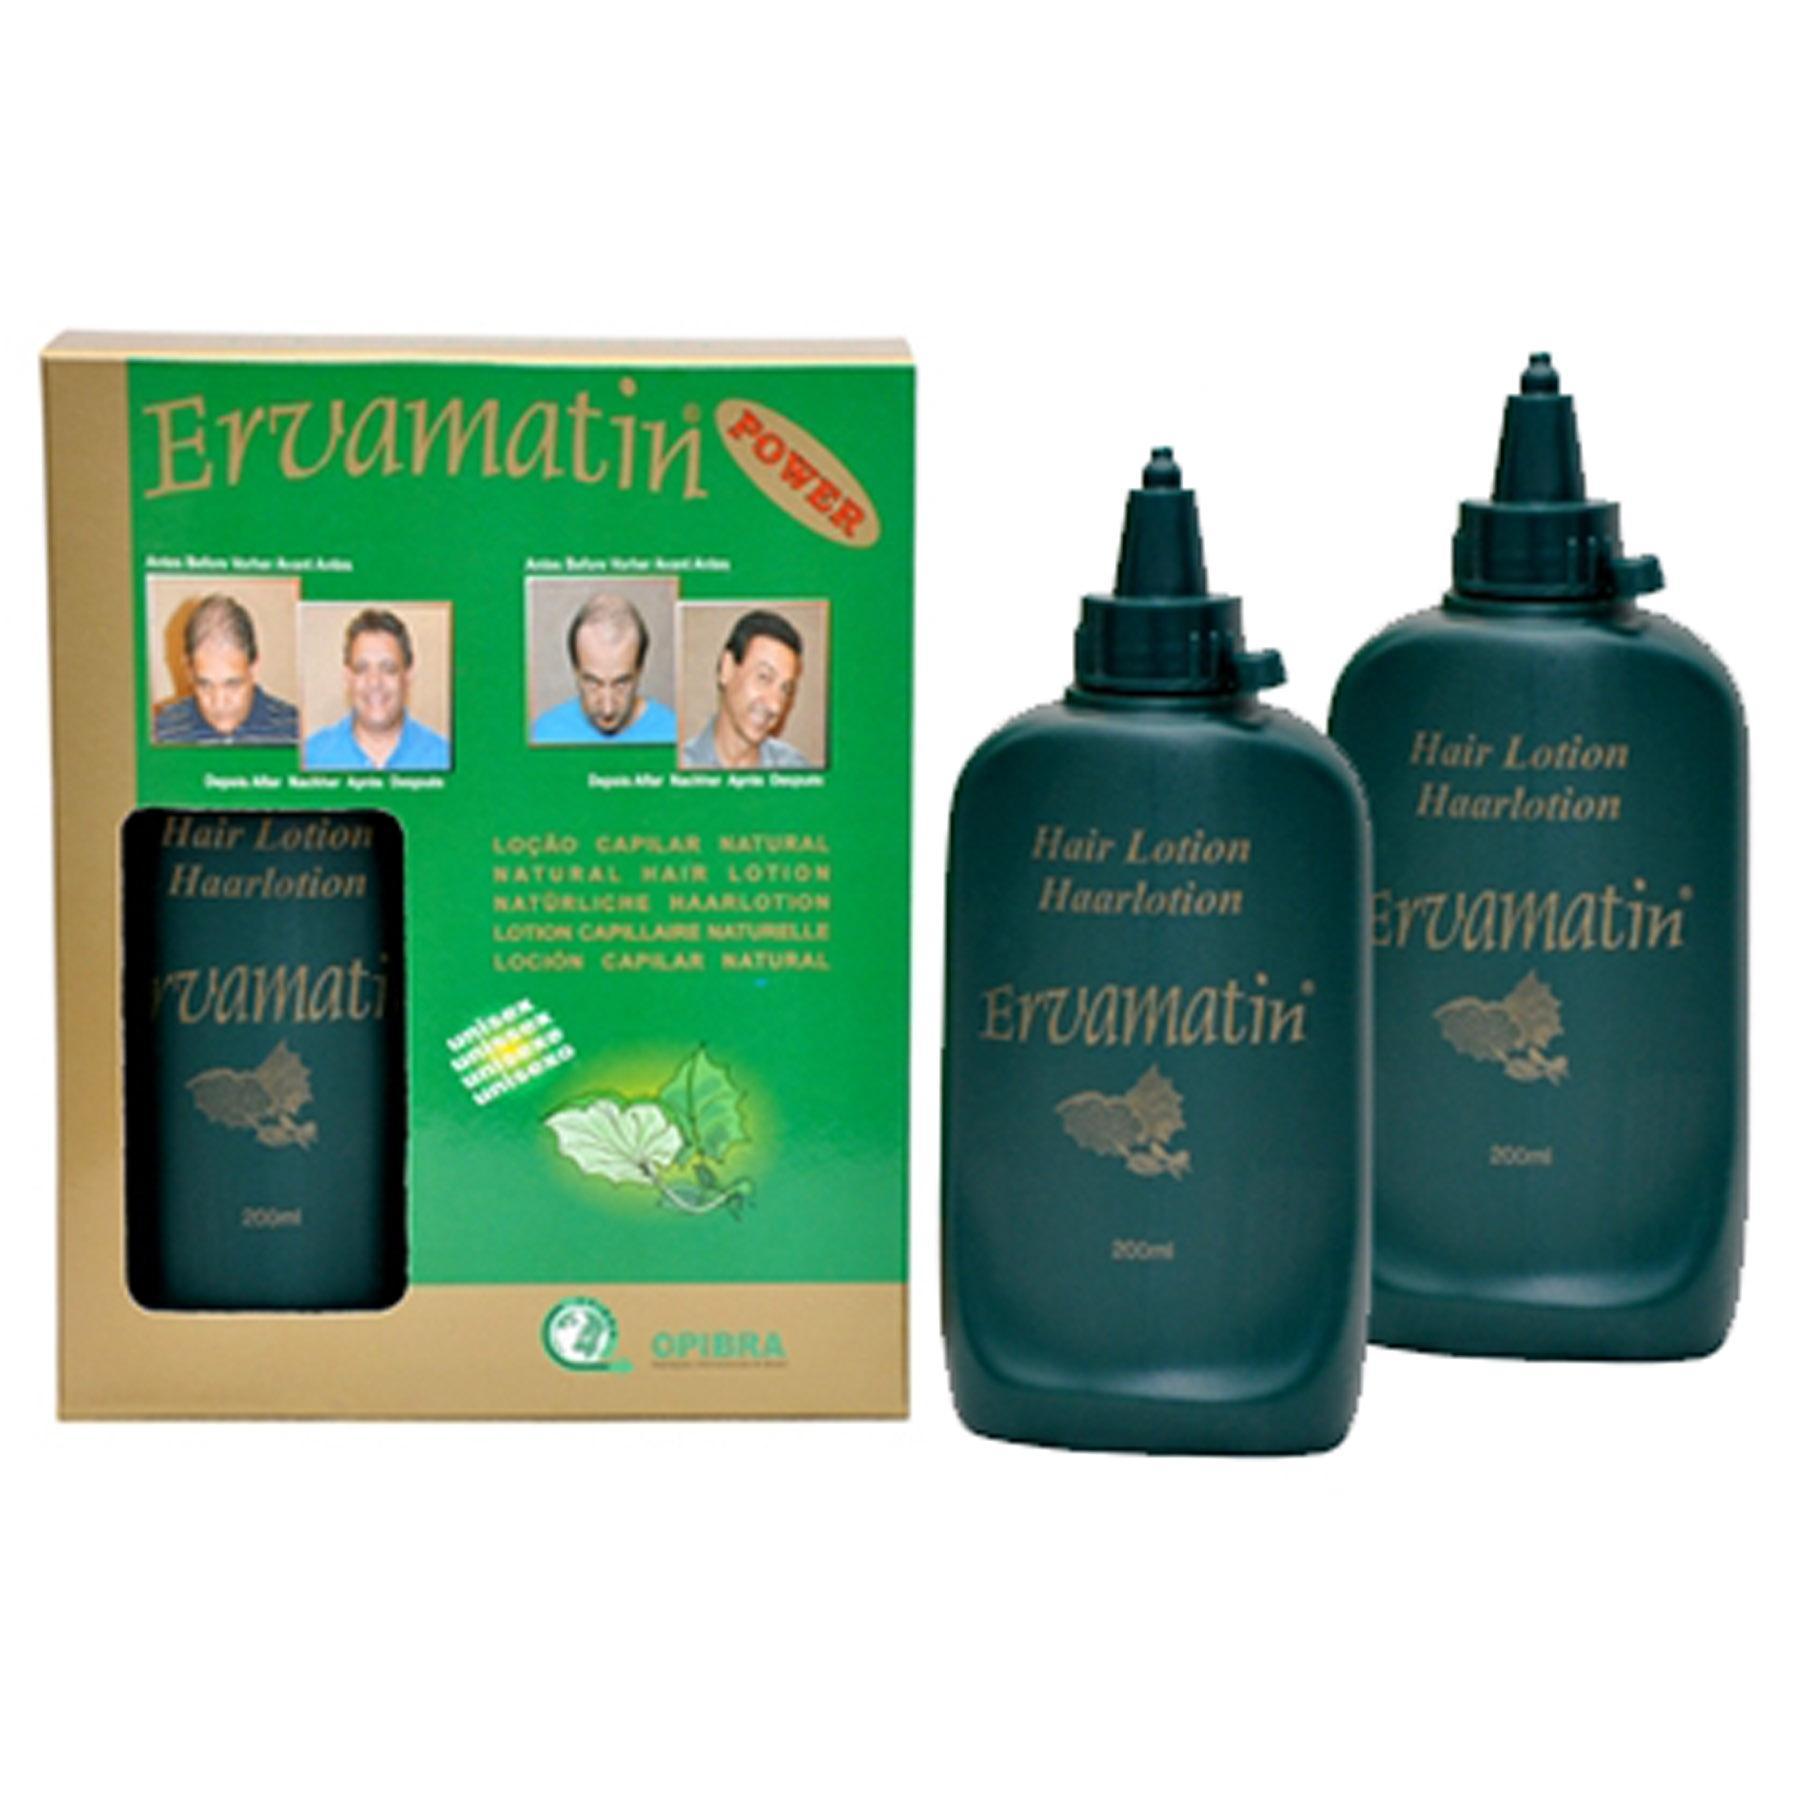 Ervamatin Hair Lotion 2 Bottles - 400ml